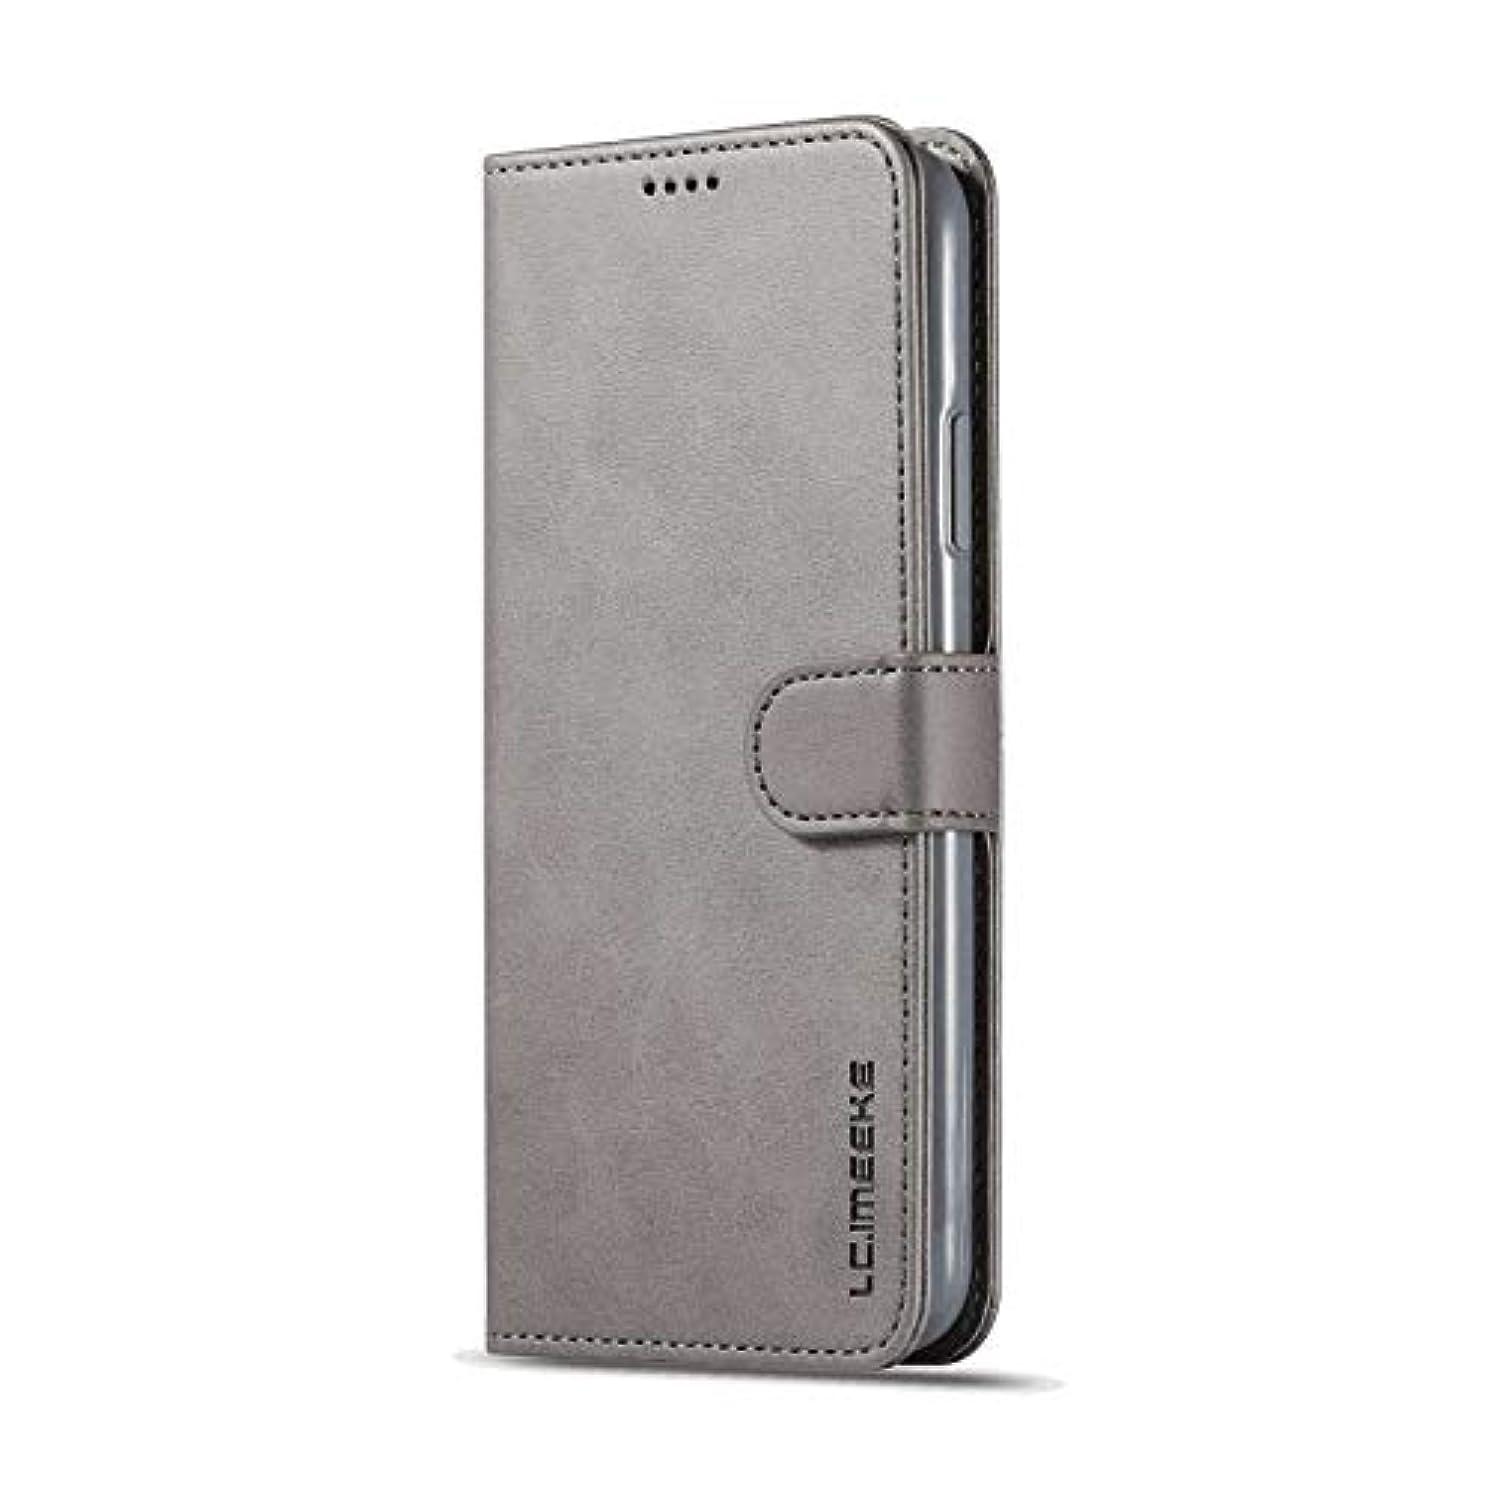 夜明けに敬意テンポ手帳型 ケース 対応 アイフォン iPhone 11 防指紋 携帯ケース PUレザー 本革 手帳型ケース